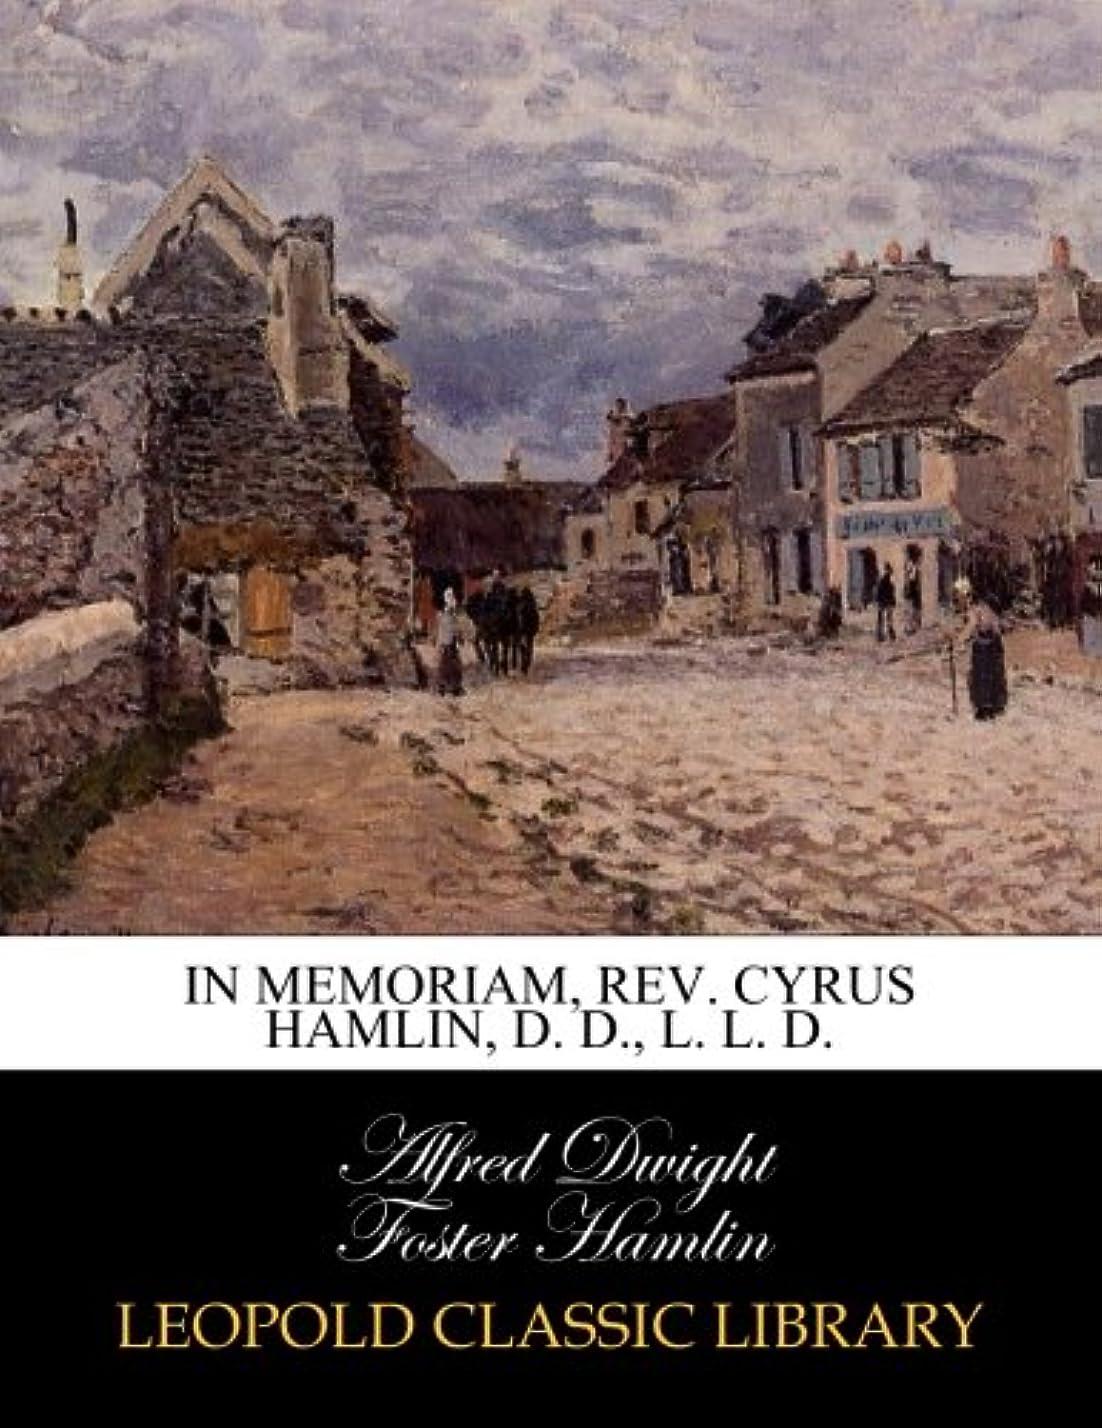 餌アレイどういたしましてIn memoriam, Rev. Cyrus Hamlin, D. D., L. L. D.